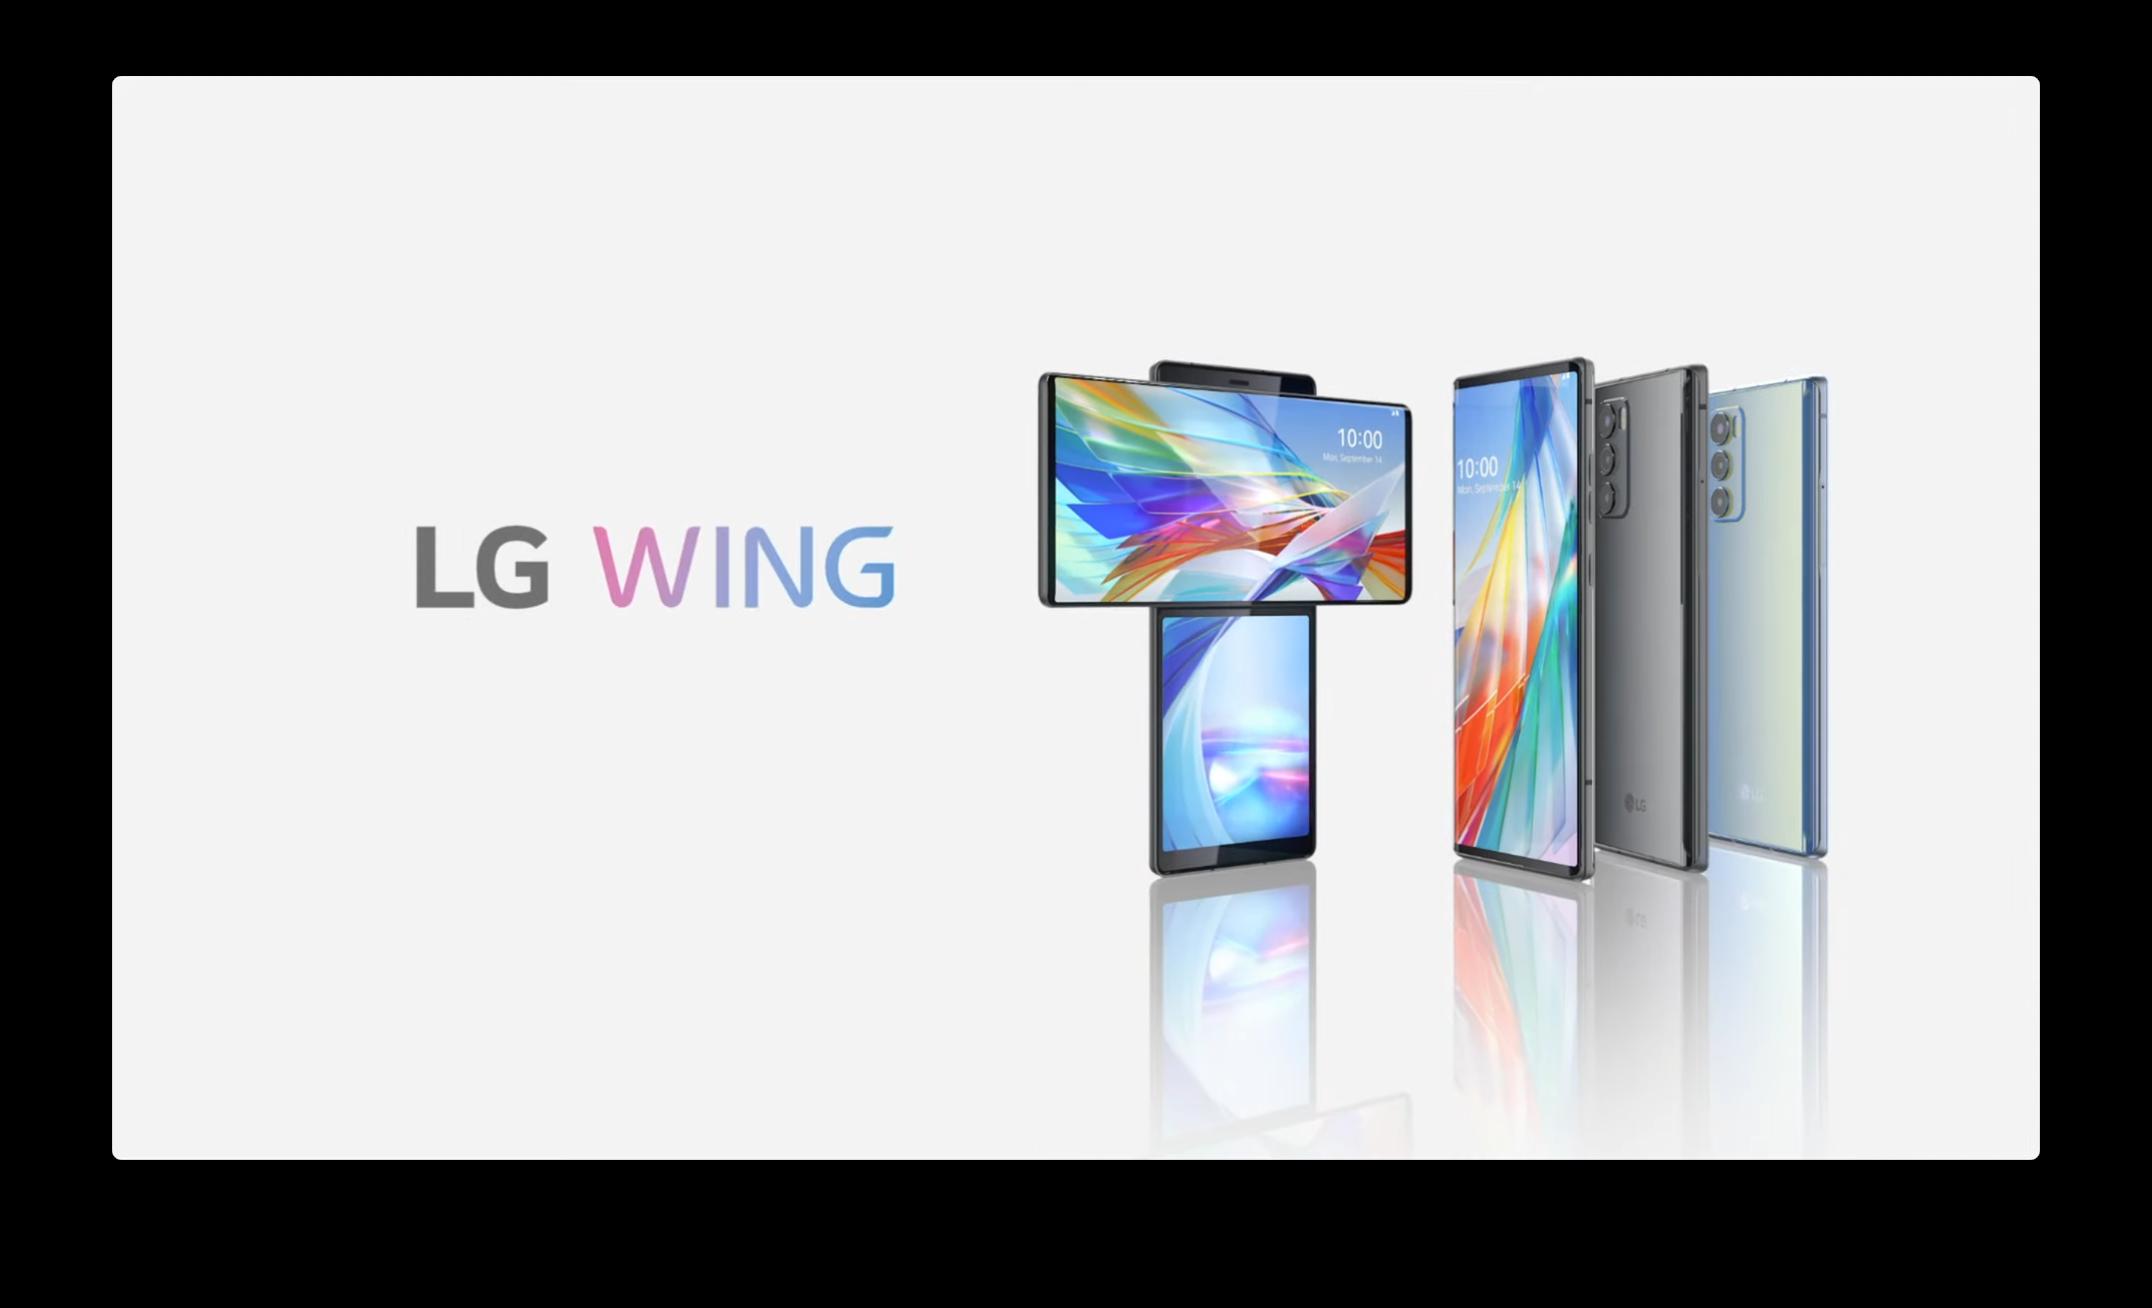 LG Wing ufficiale: altro che